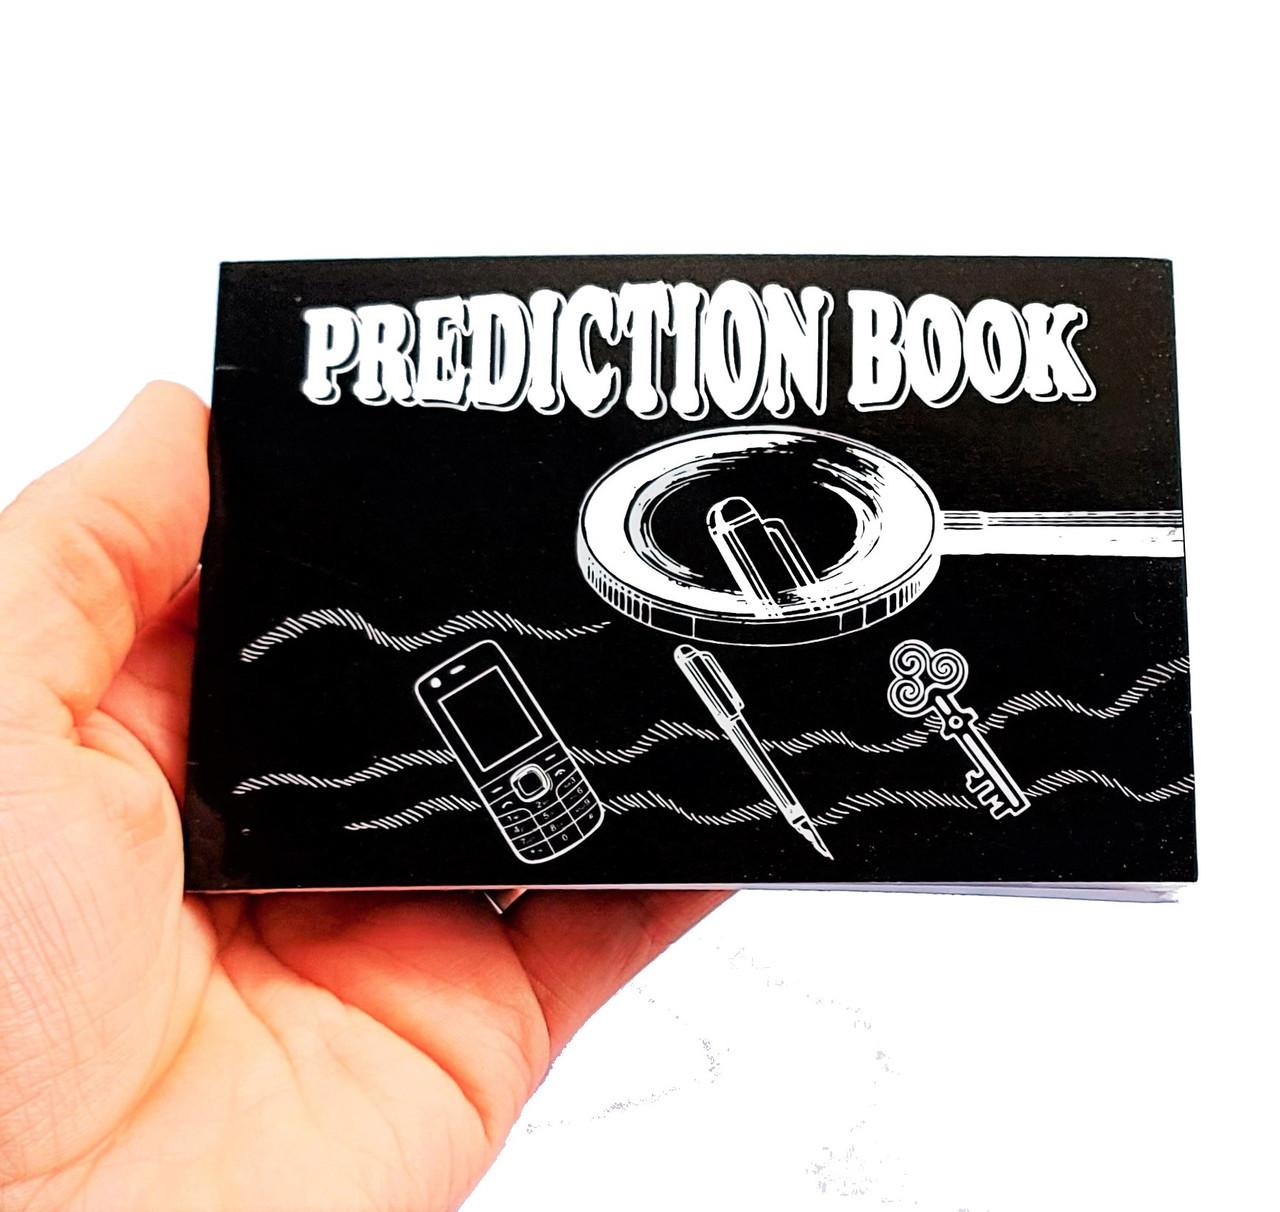 PREDICTION BOOK 2.0 magic trick gospel mentalism mind